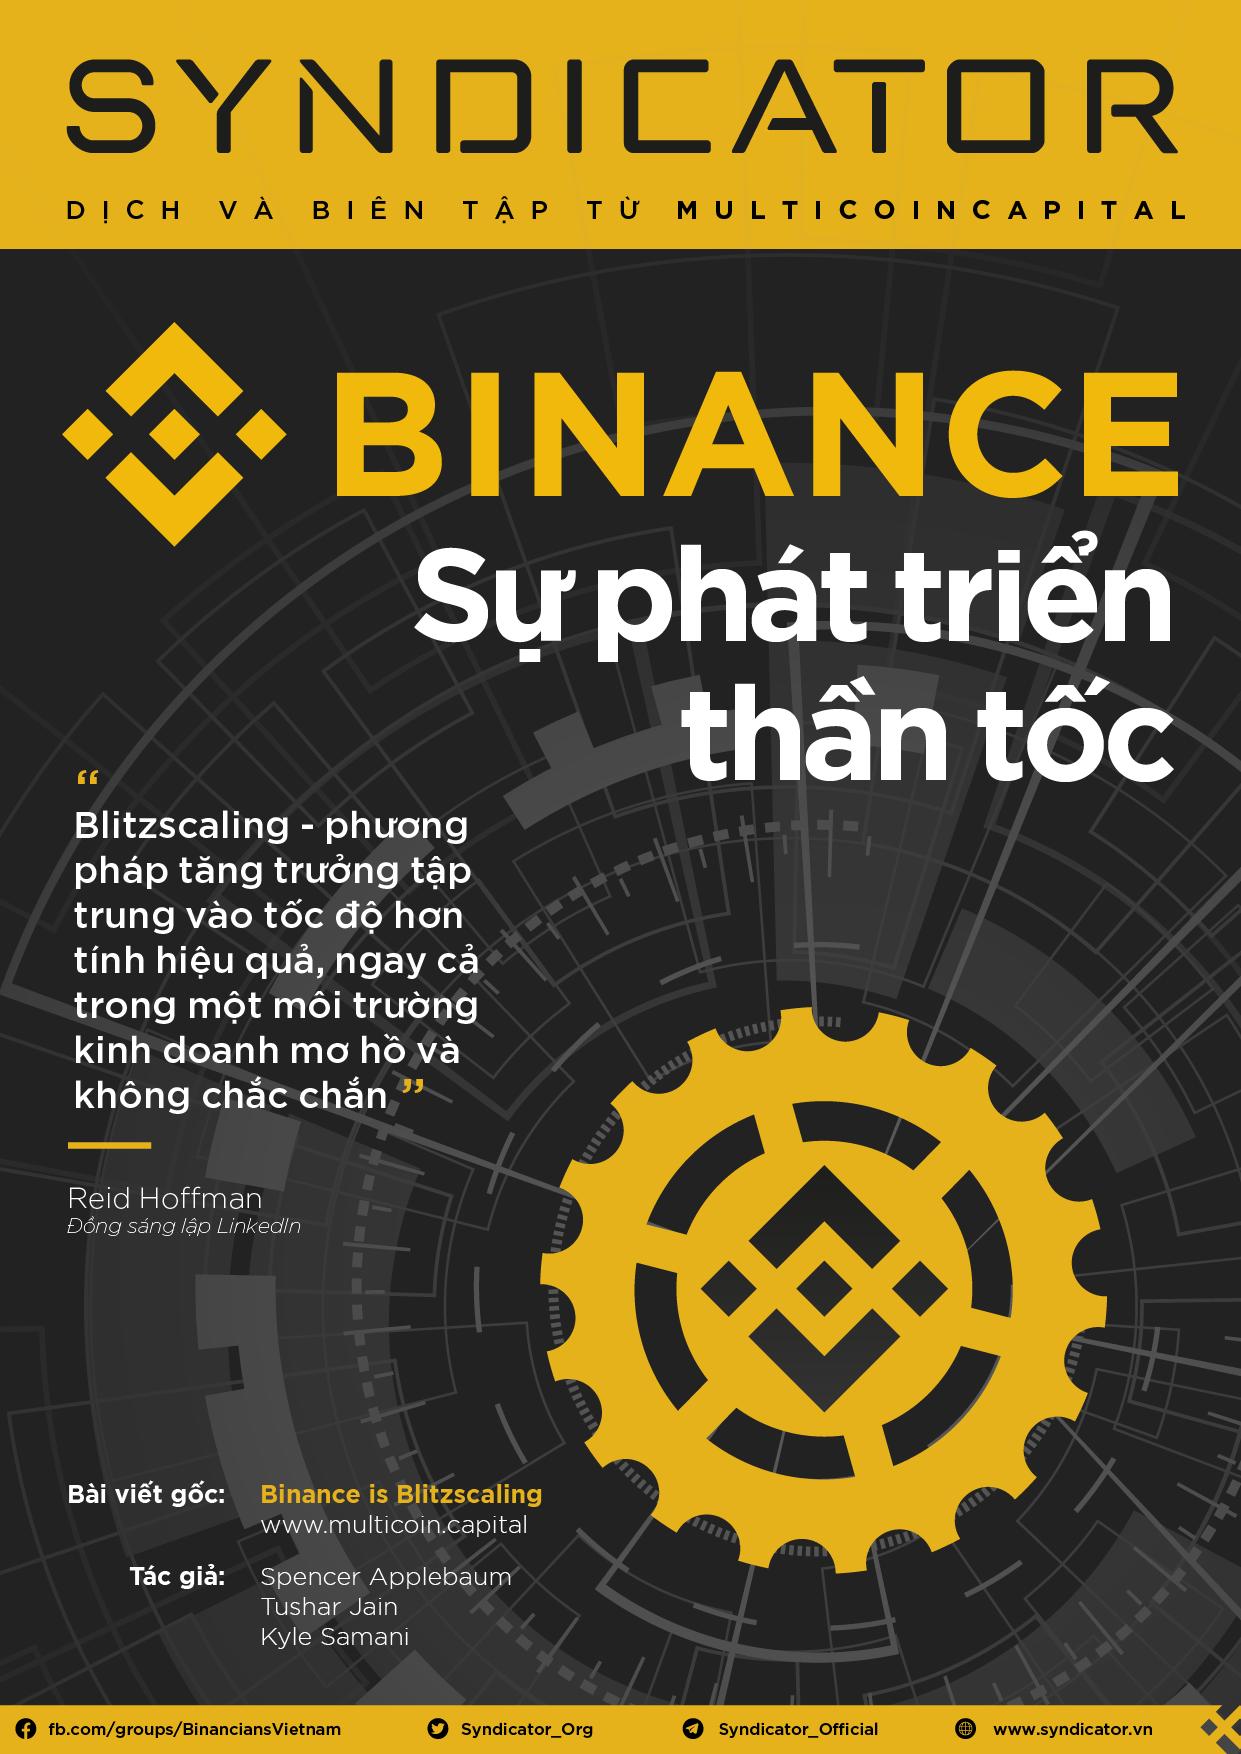 Binance: Sự phát triển thần tốc